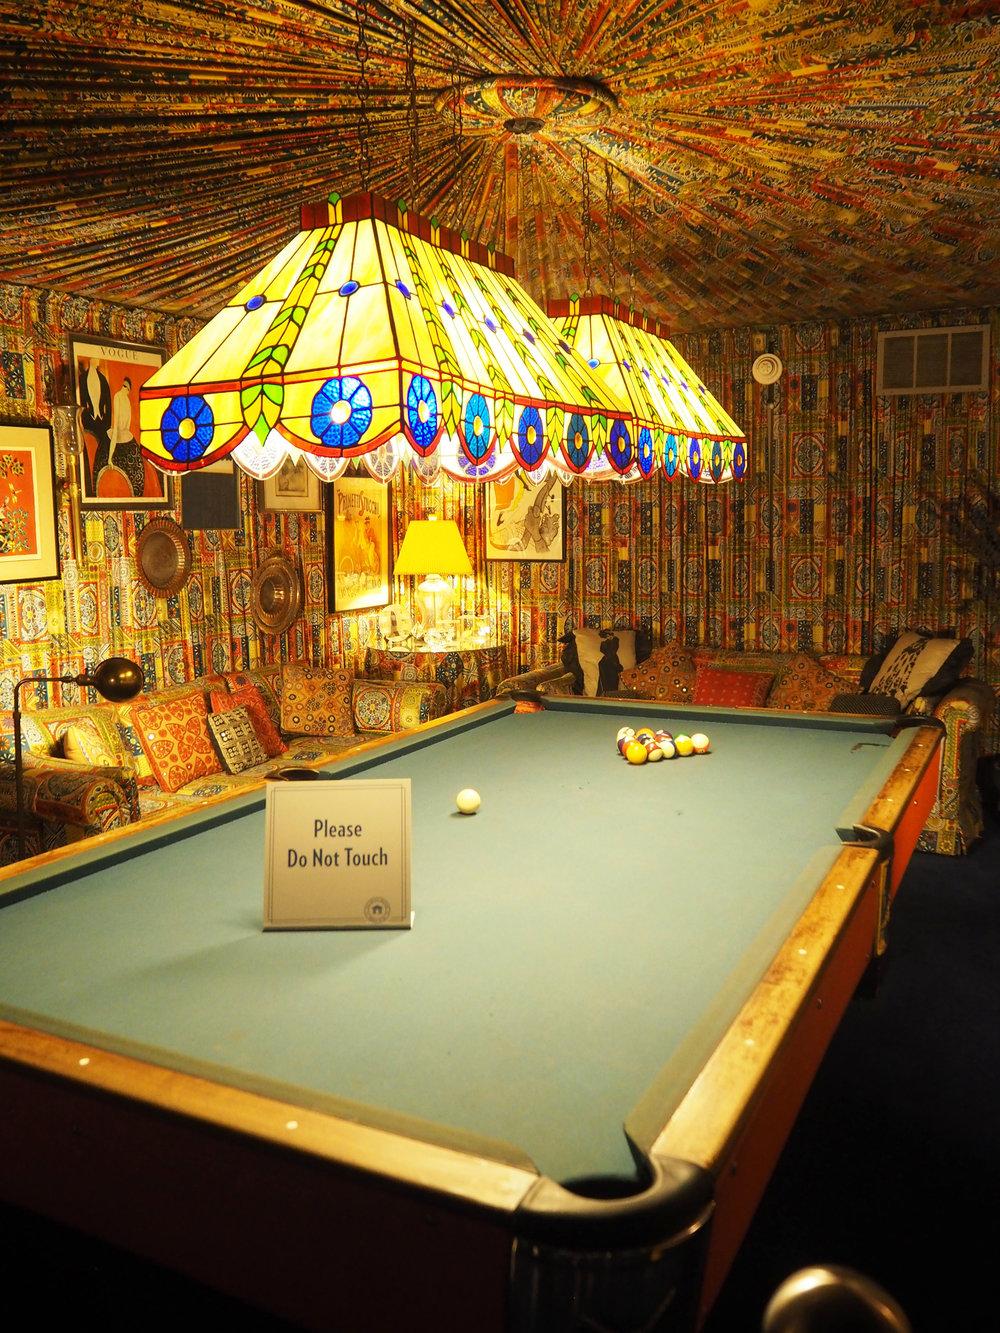 Elvis Presley | Graceland. The billiard Room. Designer Bill Eubanks helped design the pool room at Graceland.